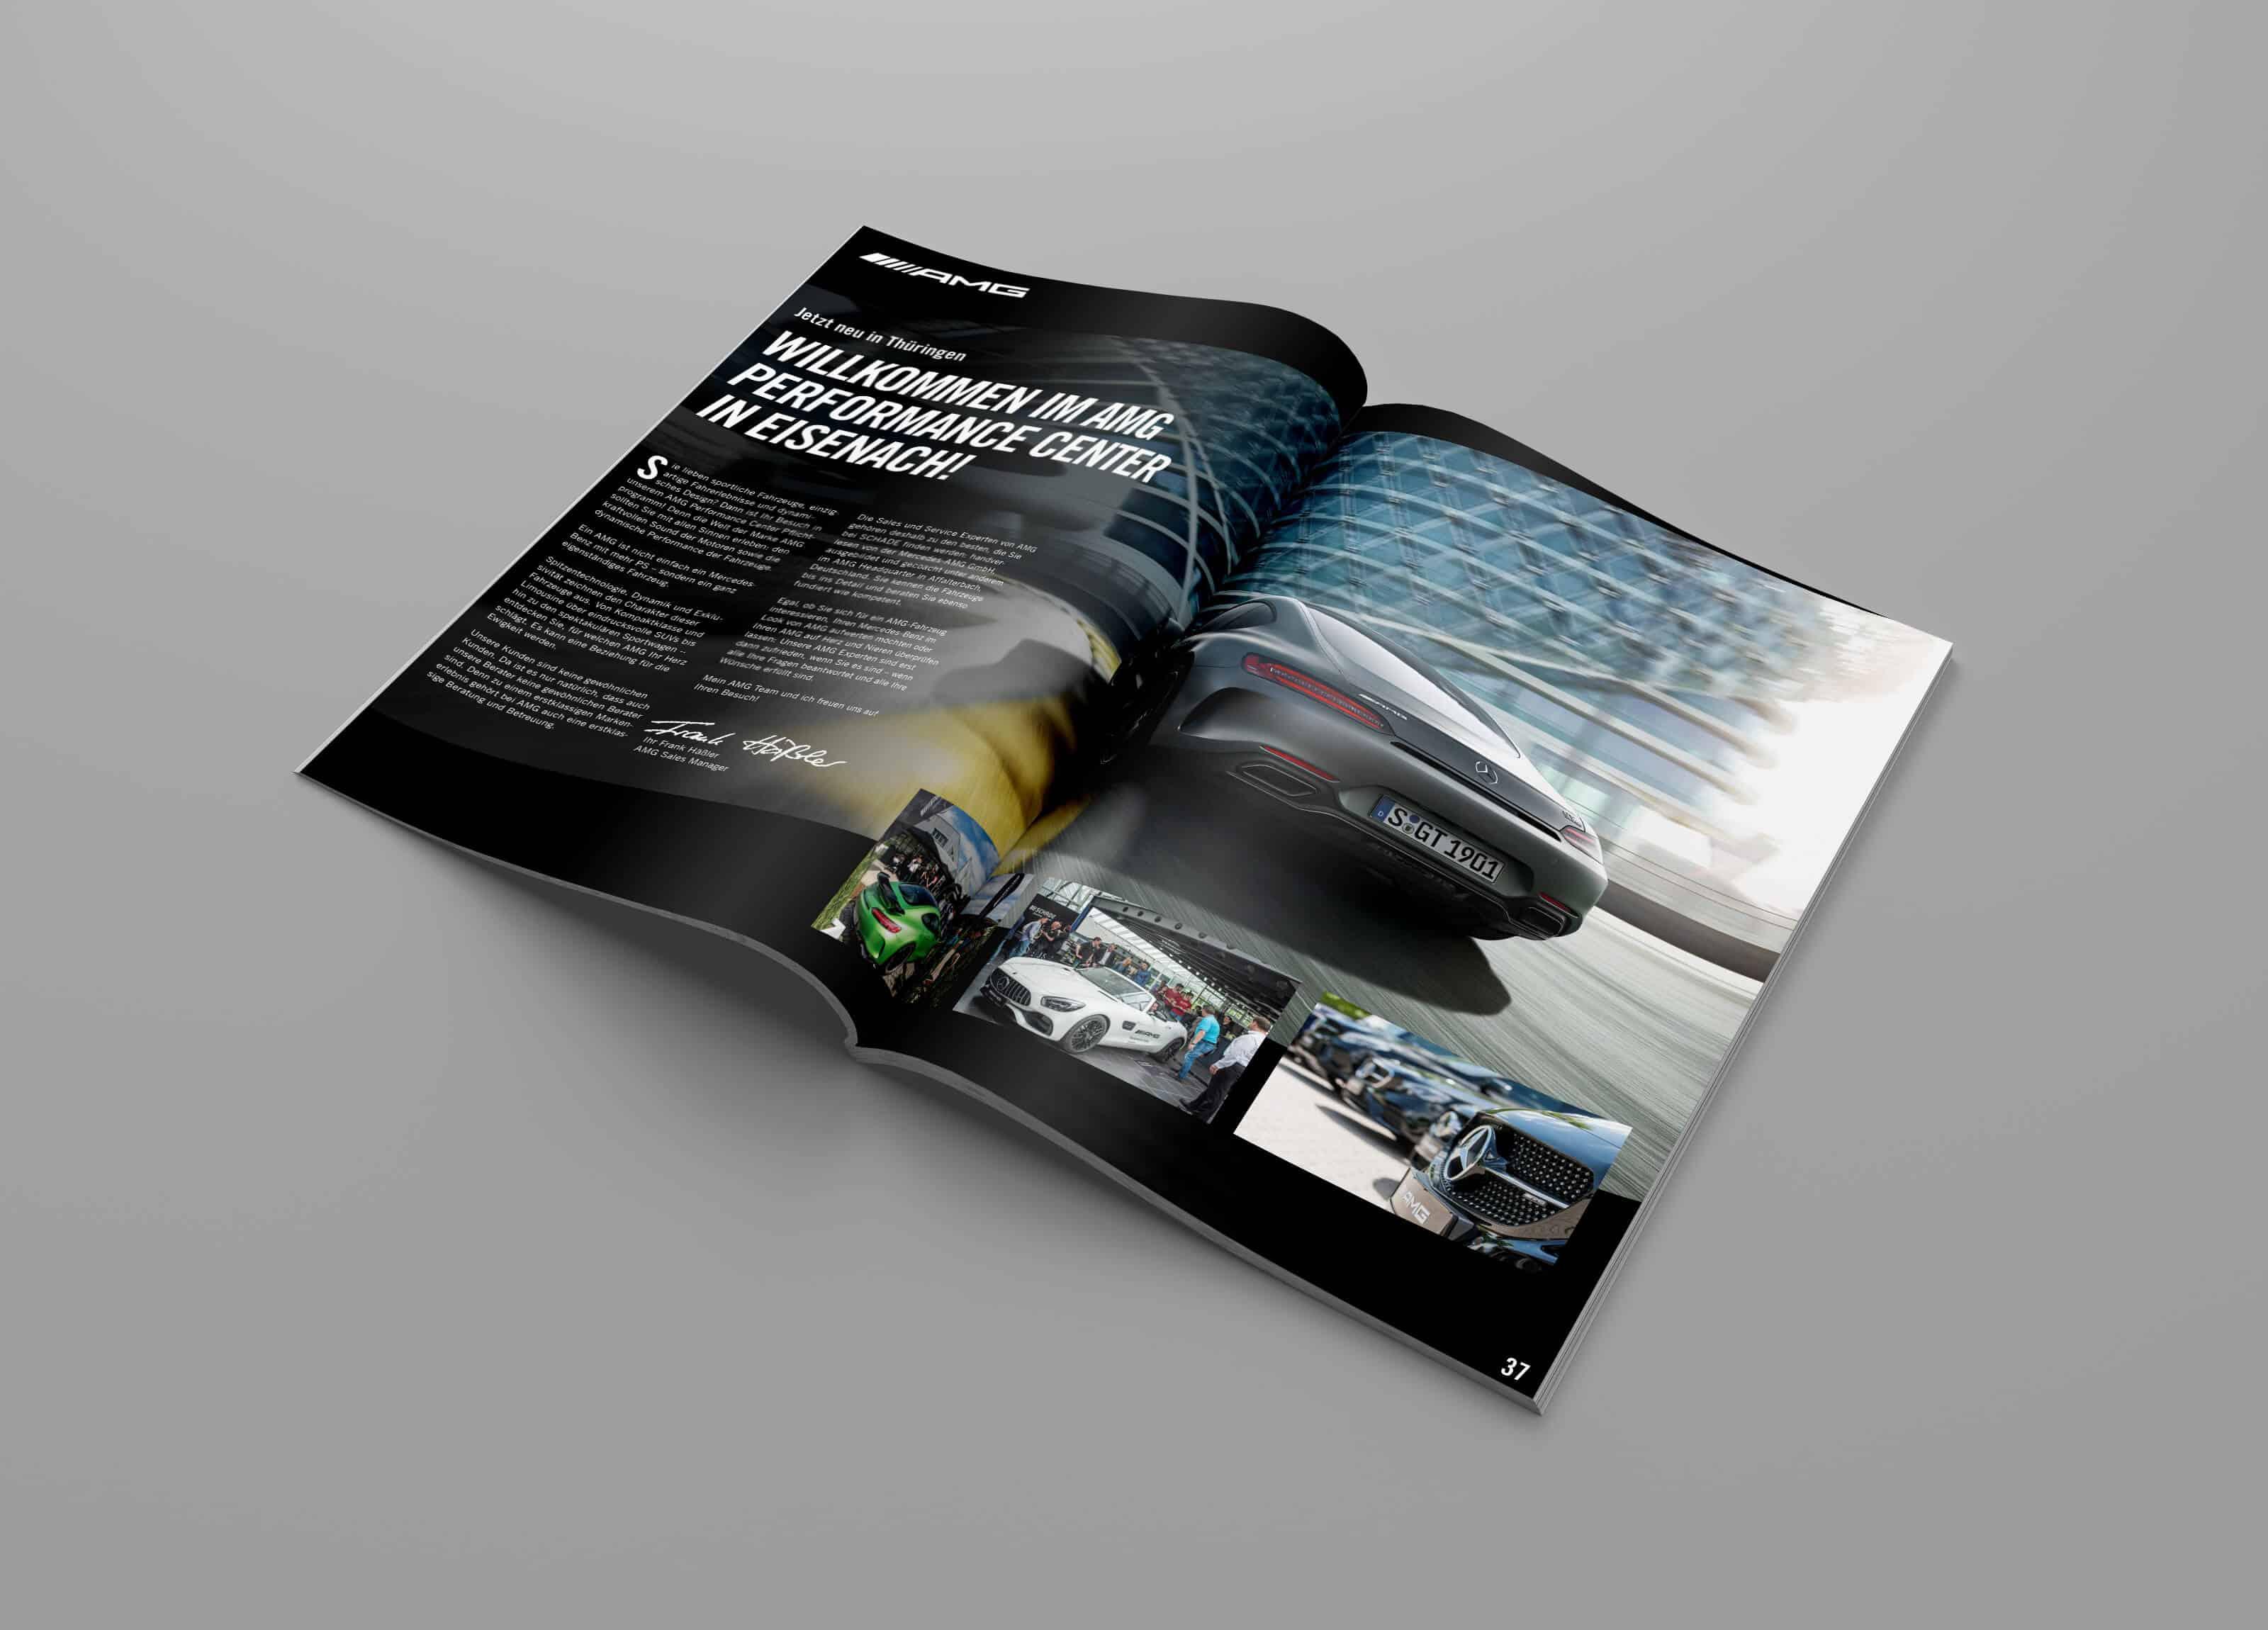 Schade-Kundenmagazin-3-referenz-klassische-werbung